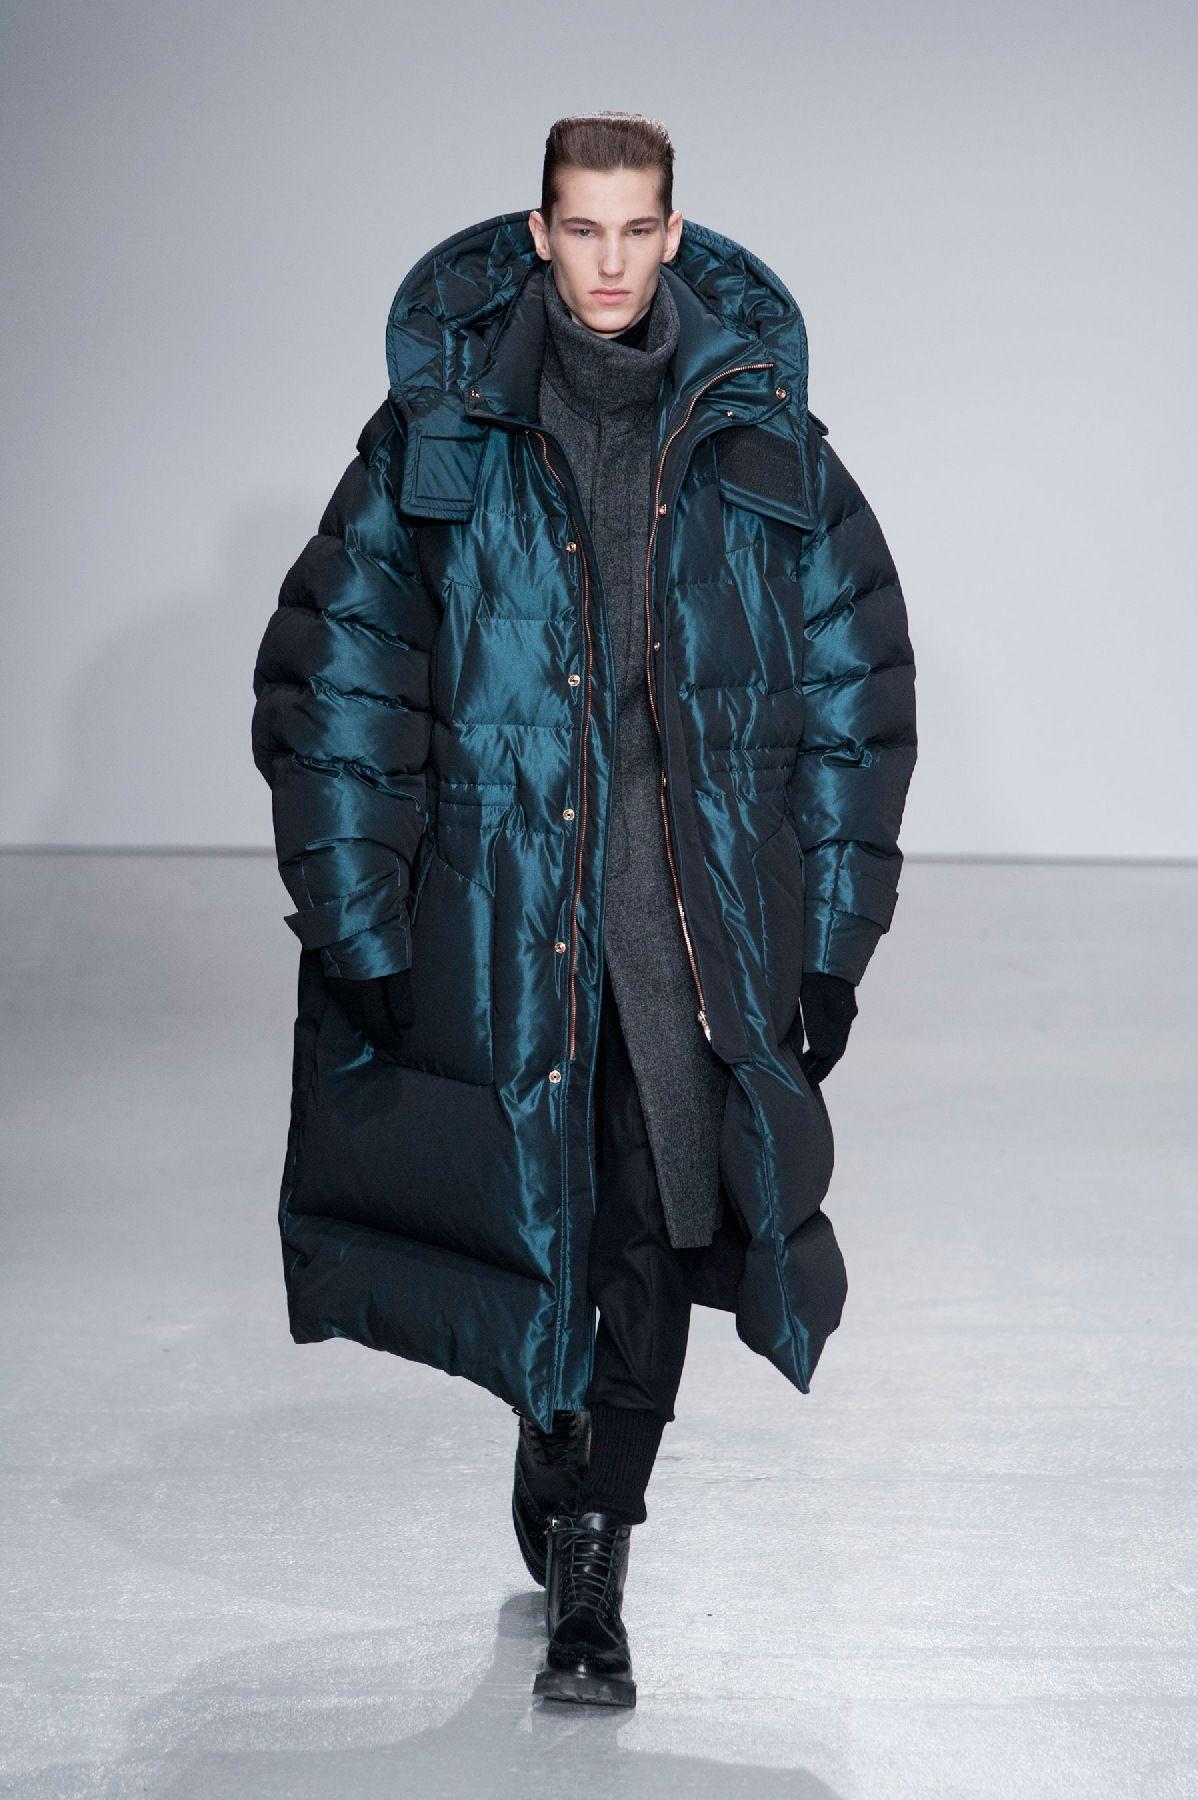 Pin By Natia Oboladze On Style Oversize Fashion Oversized Puffer Coat Fashion [ 1800 x 1198 Pixel ]